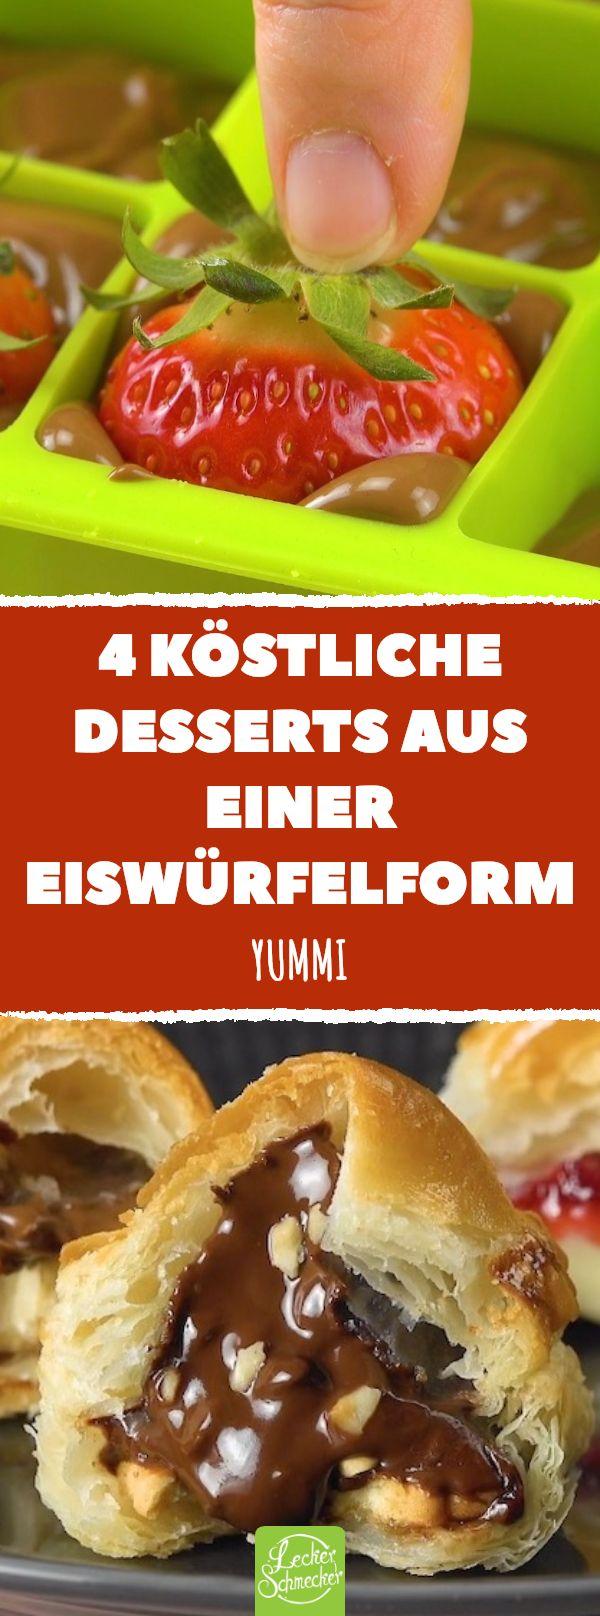 4 köstliche Desserts aus einer Eiswürfelform #lecker #rezepte #dessert #nachti …